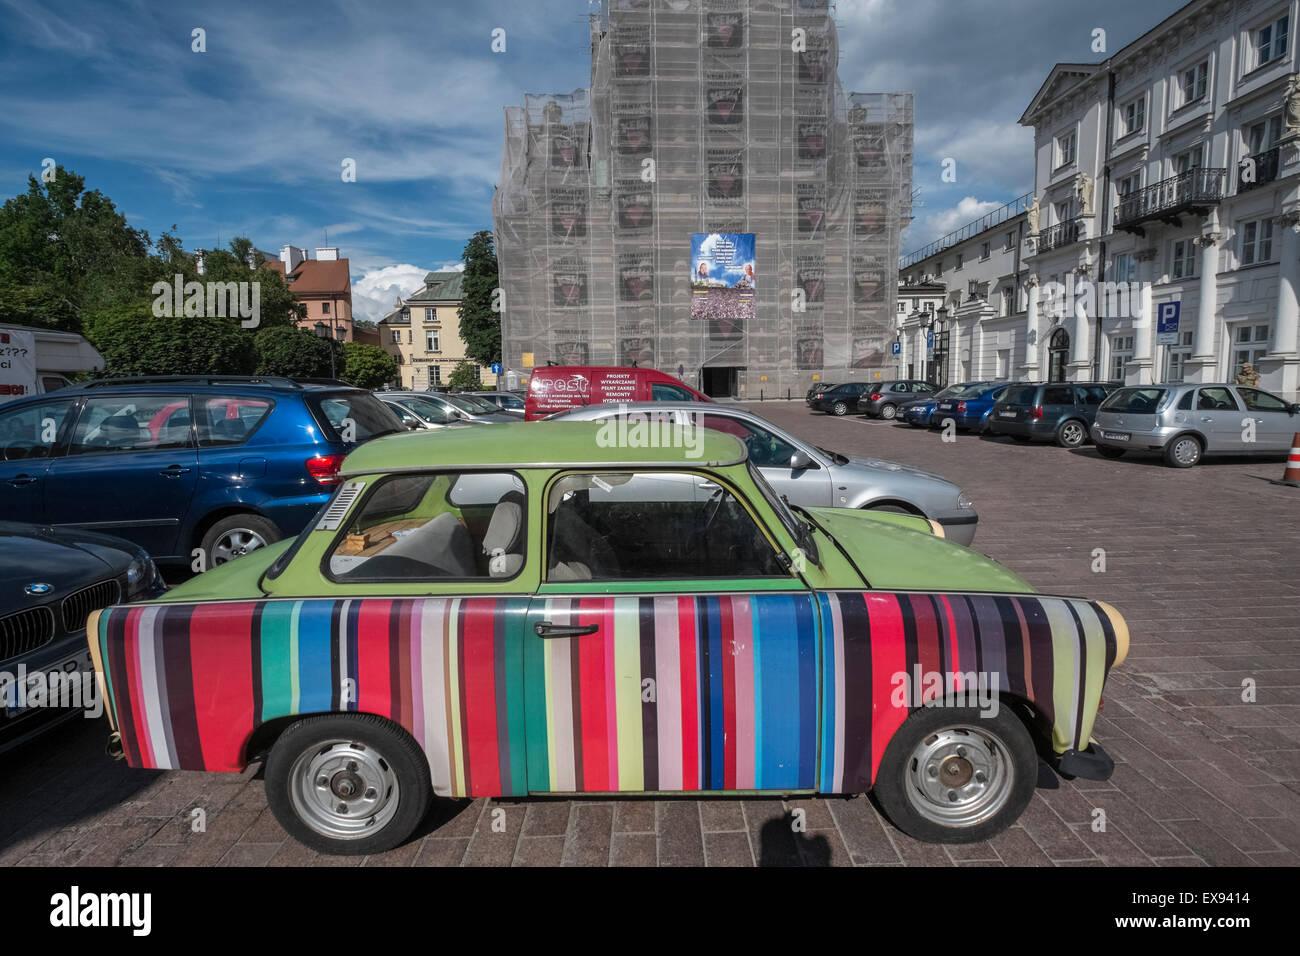 Vieille voiture Trabant à rayures de couleur multi avec panneau latéral, Varsovie, Pologne Photo Stock